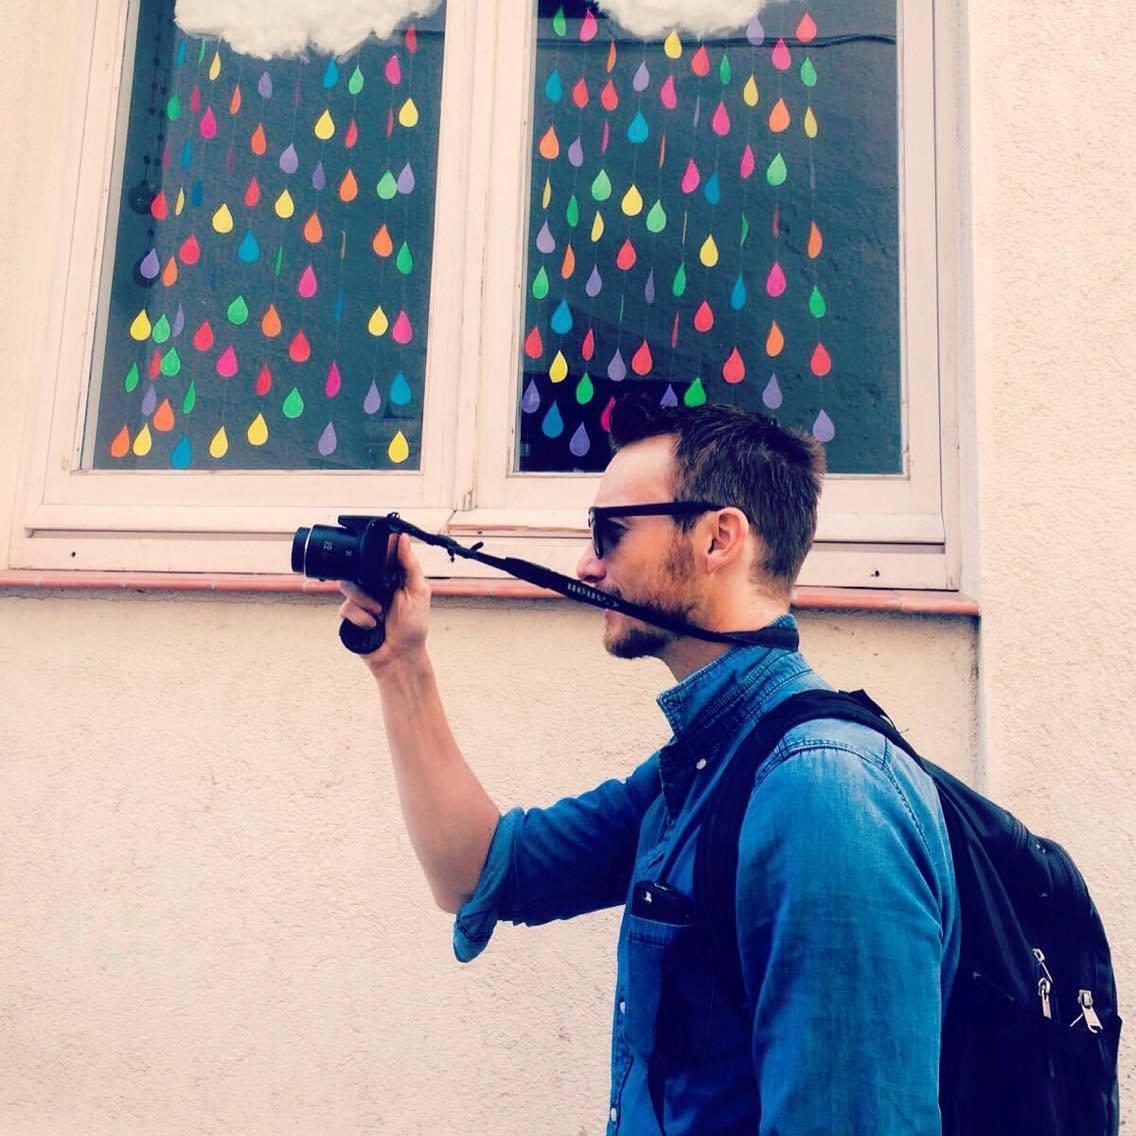 Barcelona blogger Ben Holbrook from Driftwood Journals